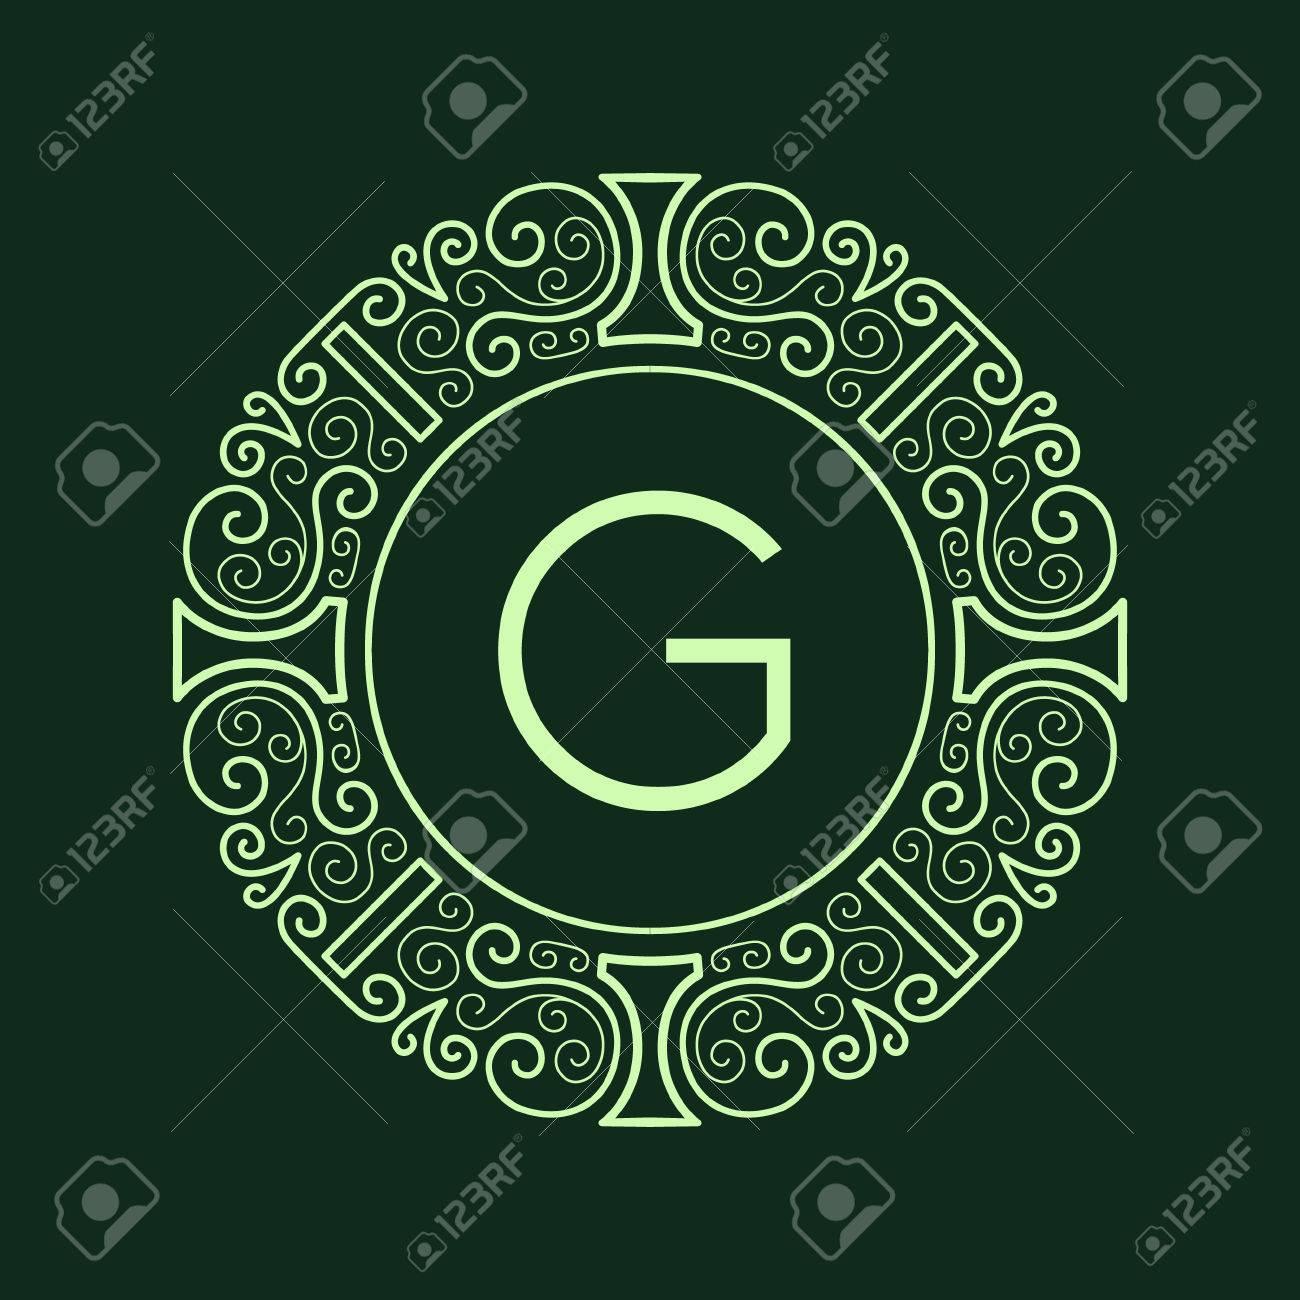 Luxury vintage monogram for letter g nouveau style line pattern luxury vintage monogram for letter g nouveau style line pattern vector lines spiritdancerdesigns Choice Image